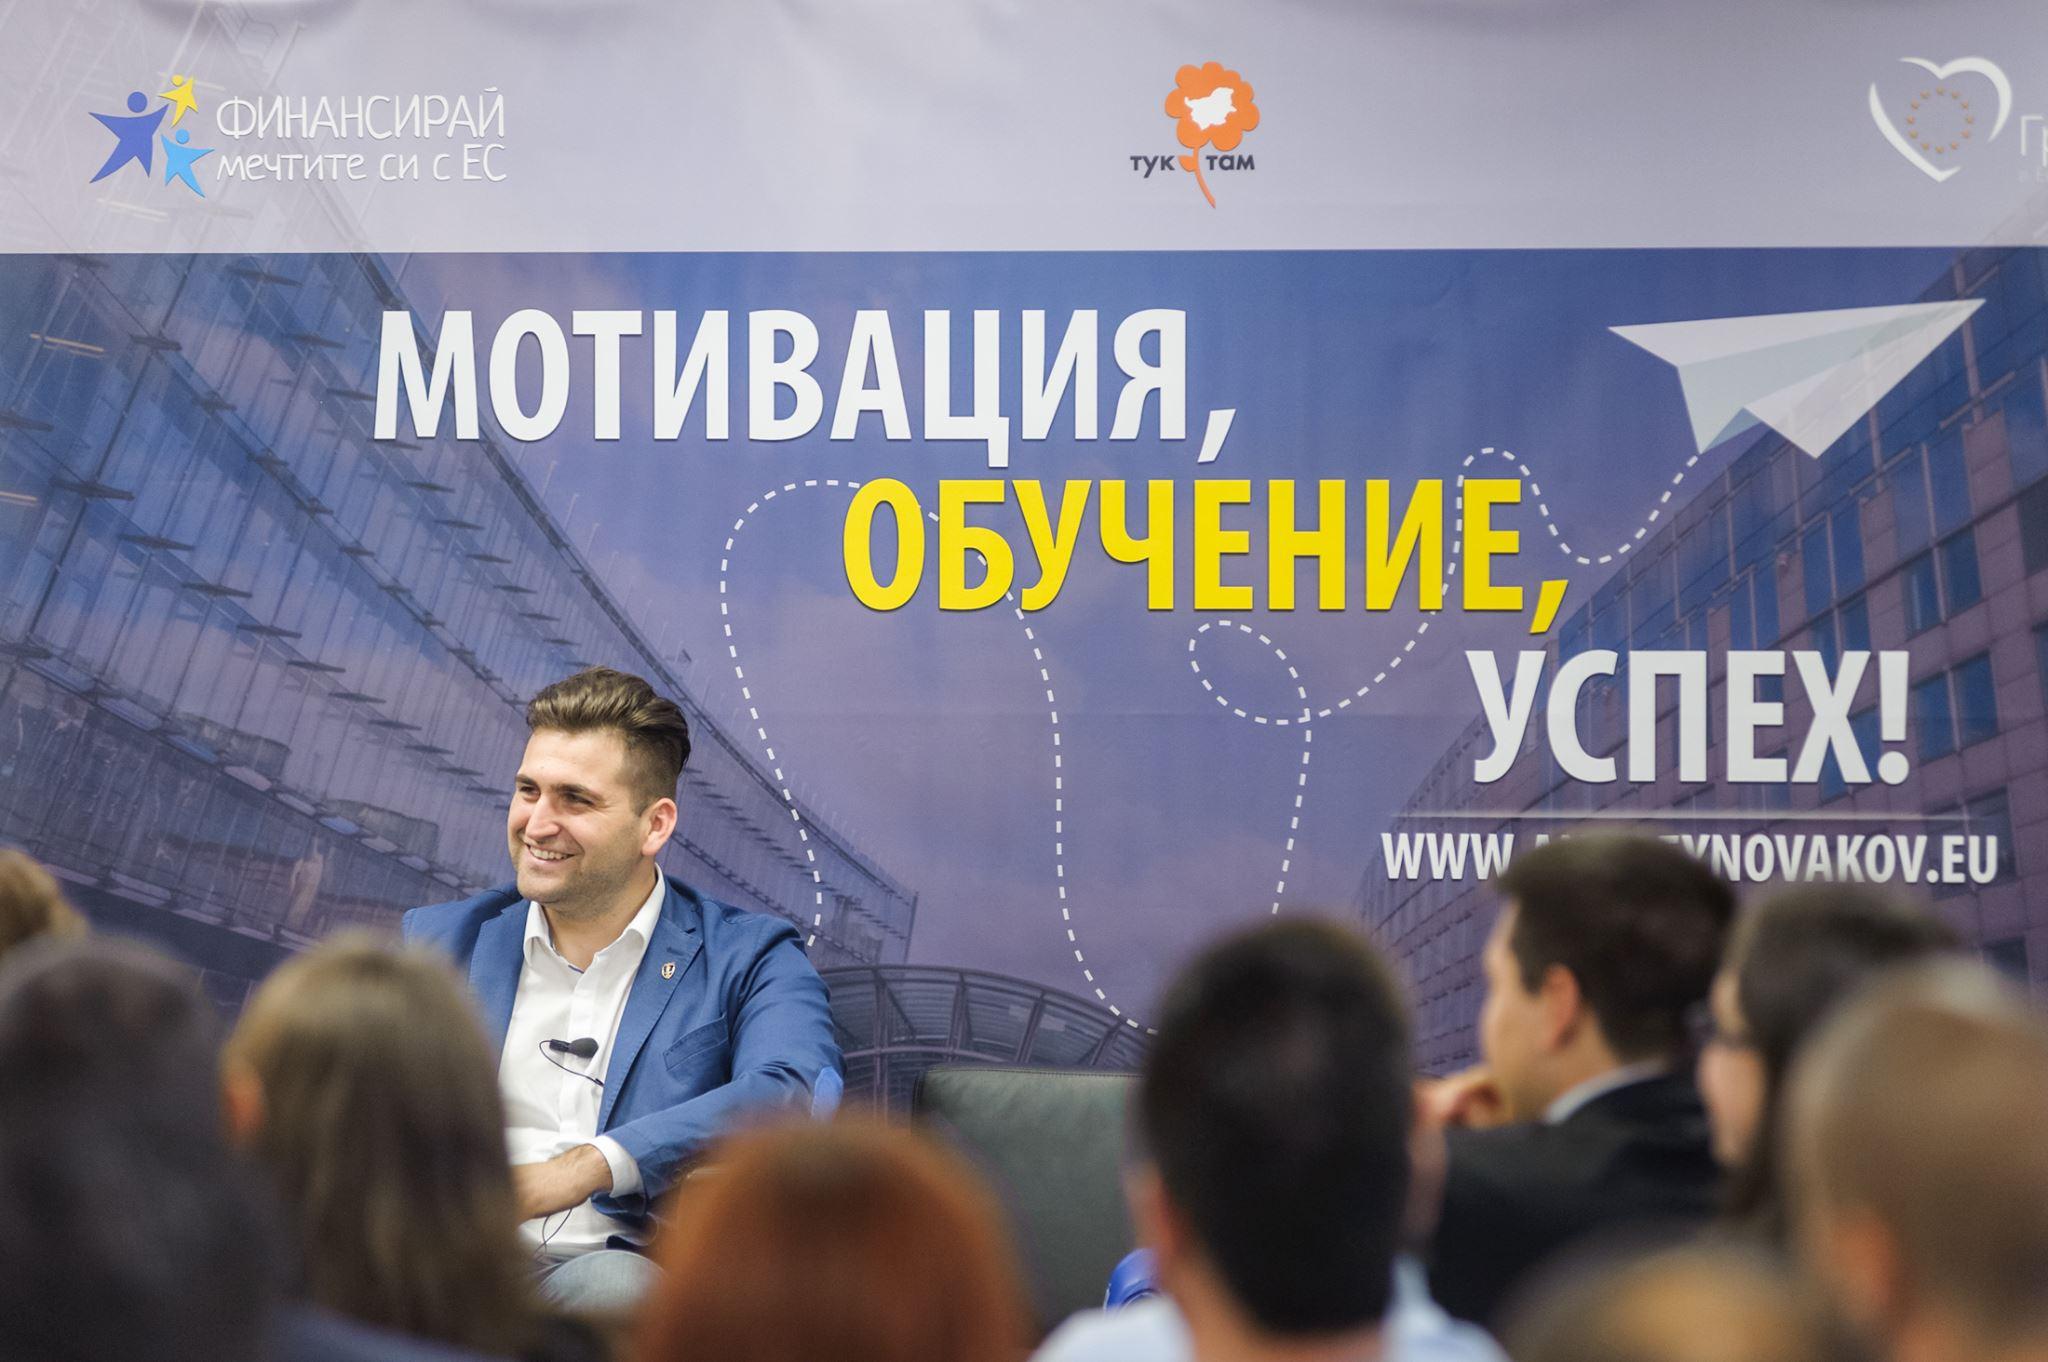 Андрей Новаков © andreynovakov.eu